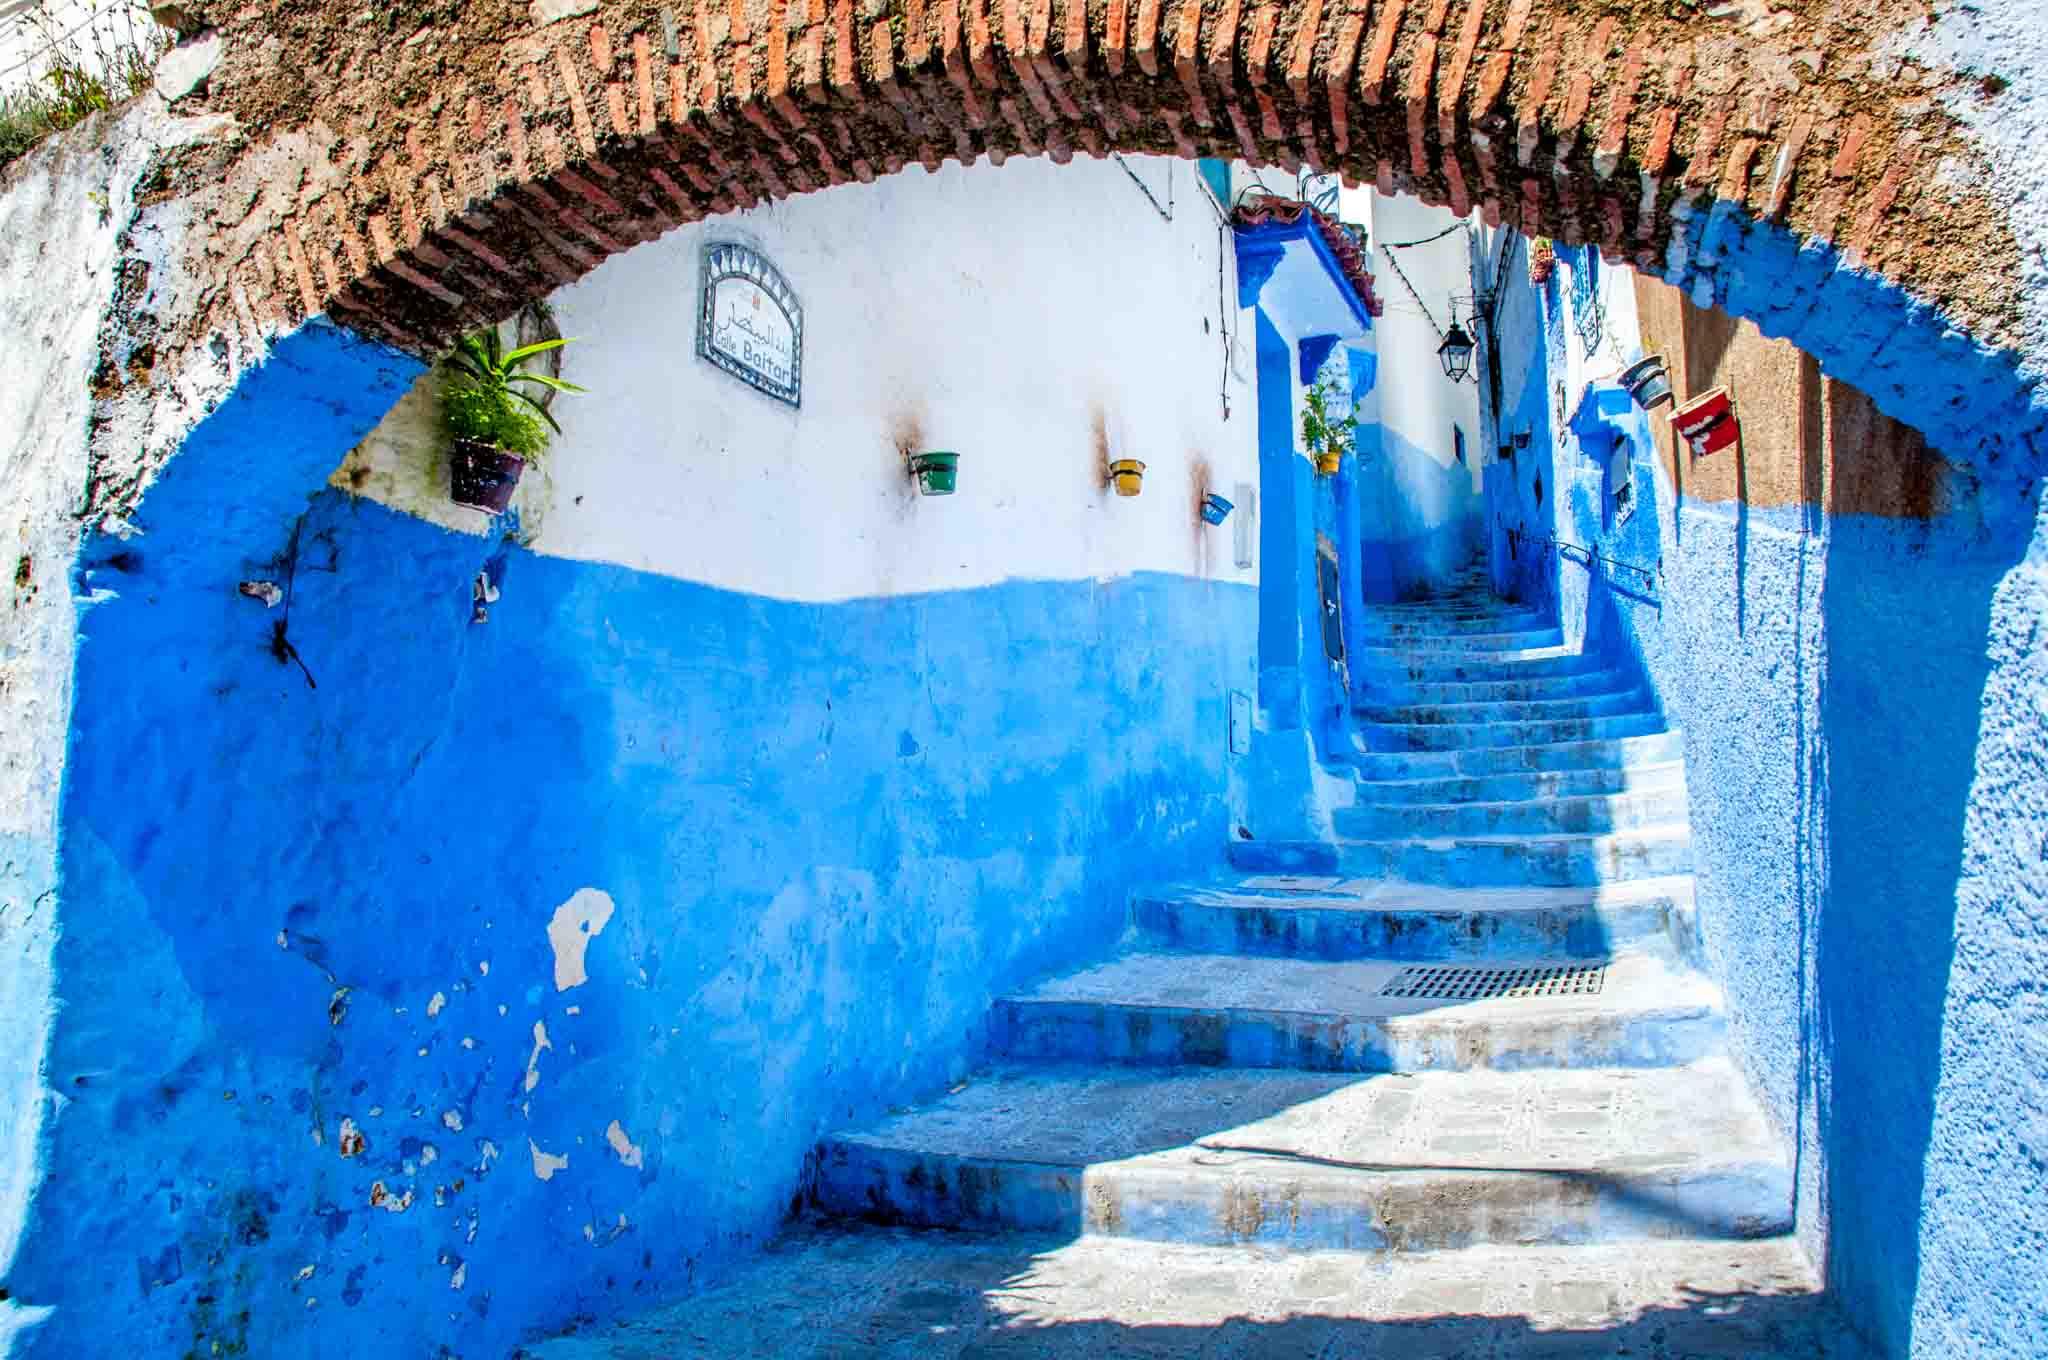 Stairway under arch